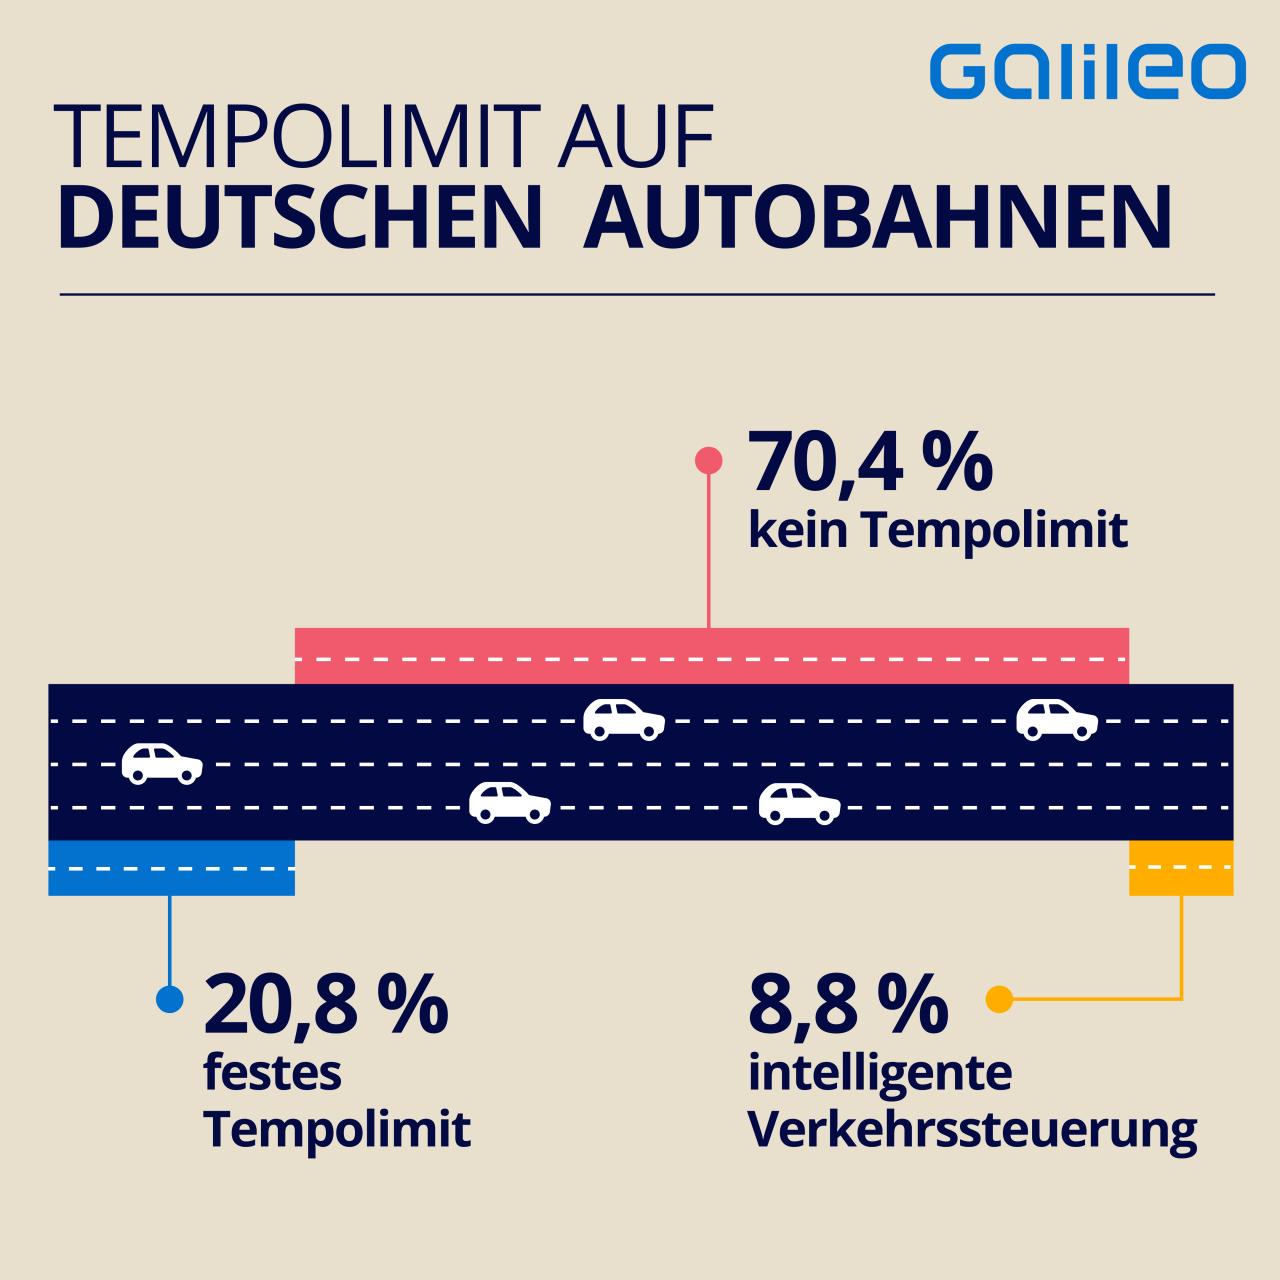 Die Statistik zeigt, dass auf 70 Prozent der Autobahnen kein Tempolimit herrscht.